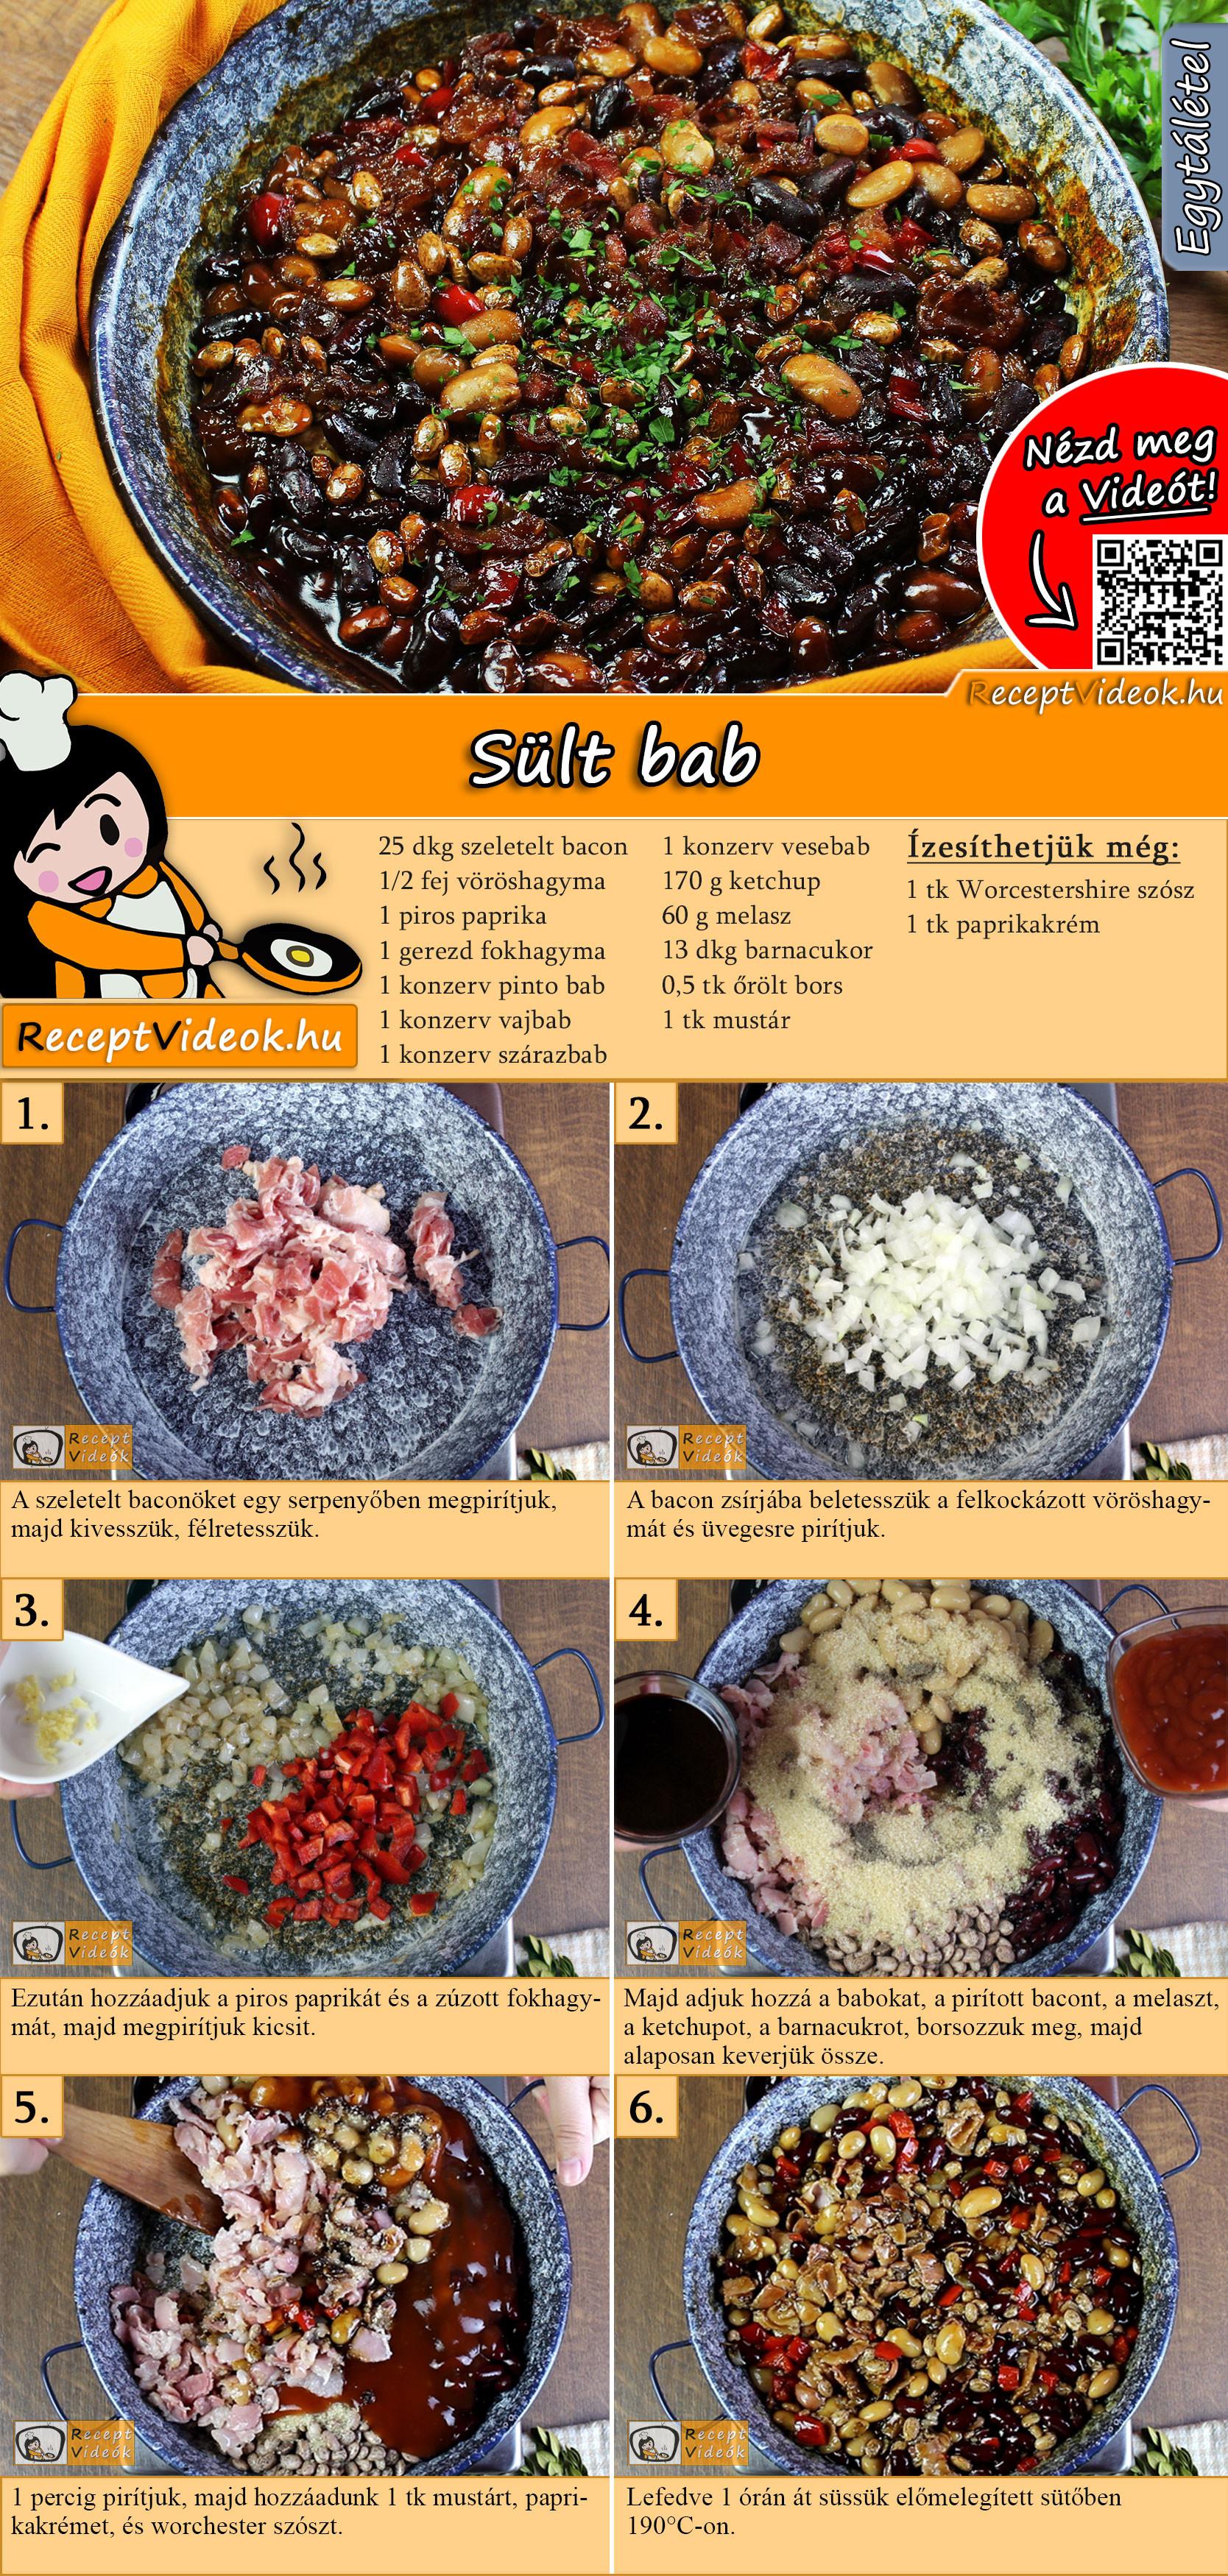 Sült bab recept elkészítése videóval